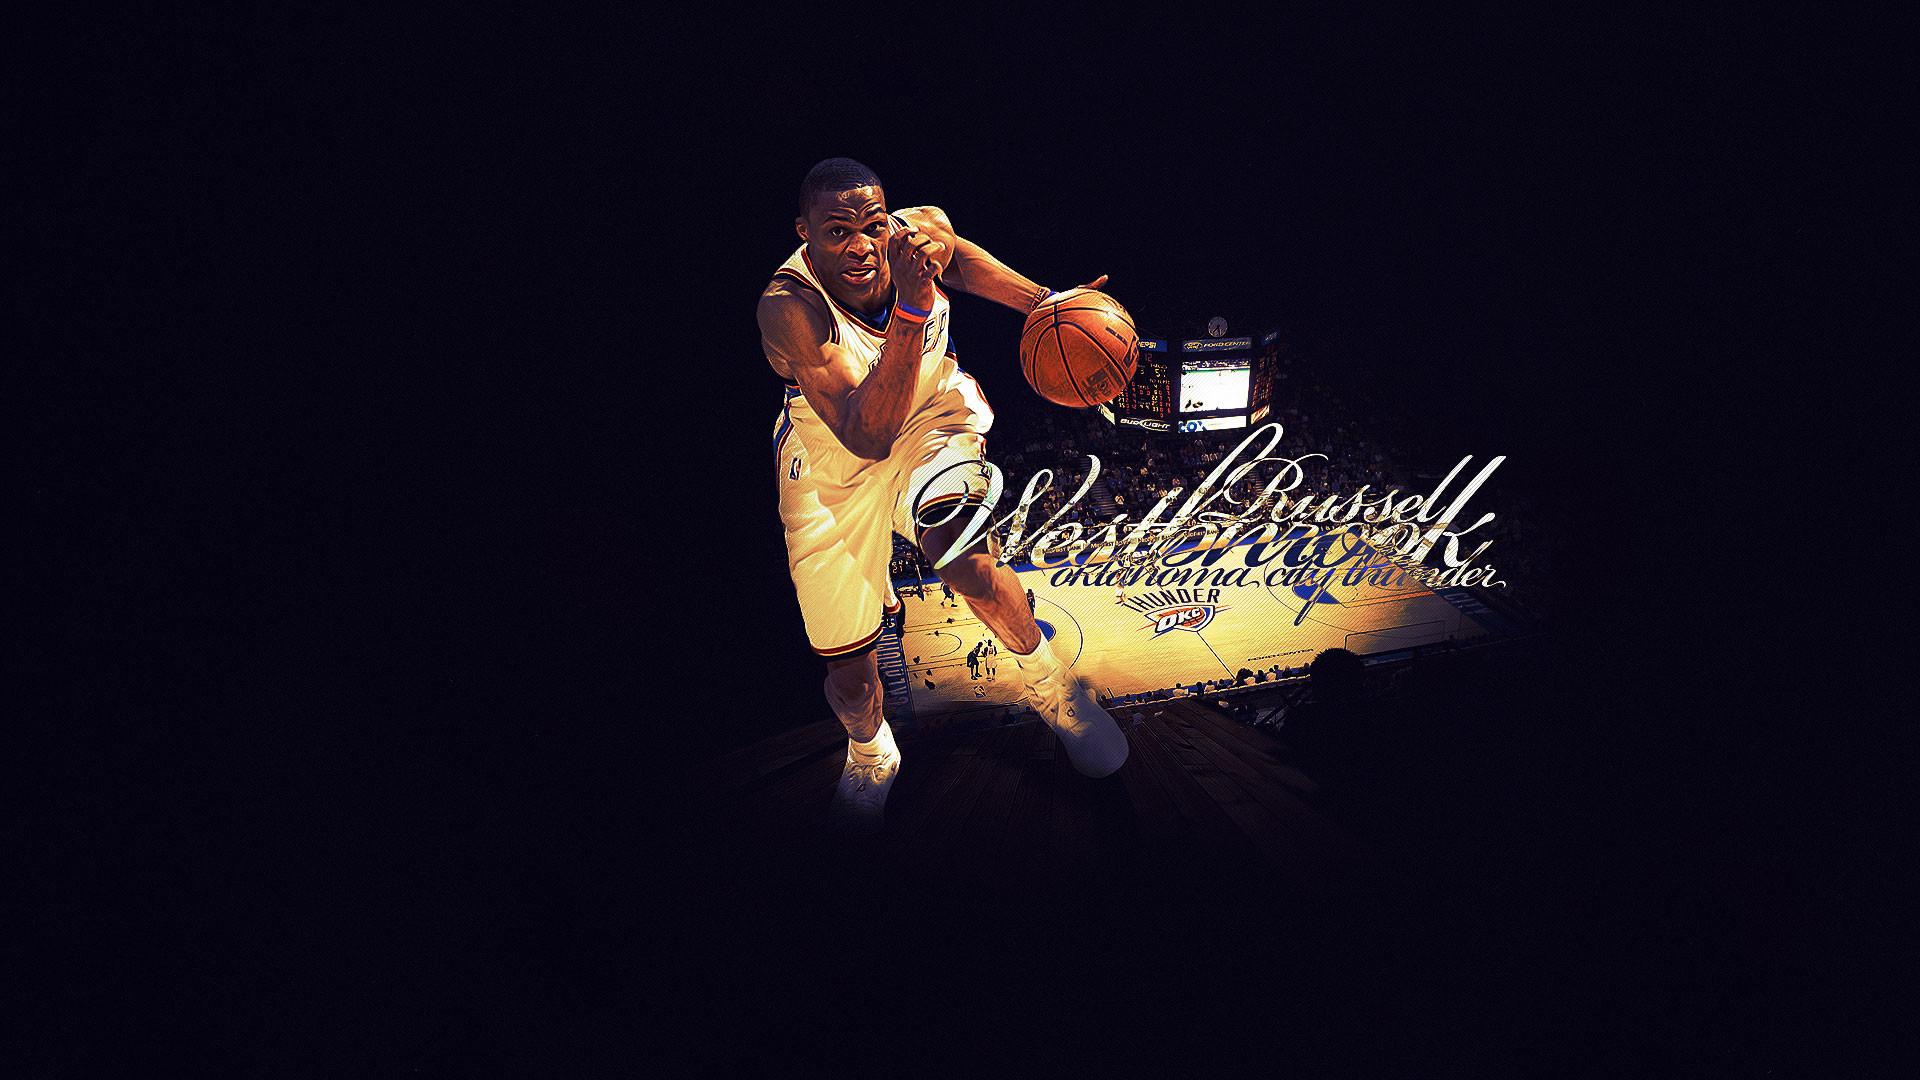 Russell Westbrook Thunder Widescreen Wallpaper